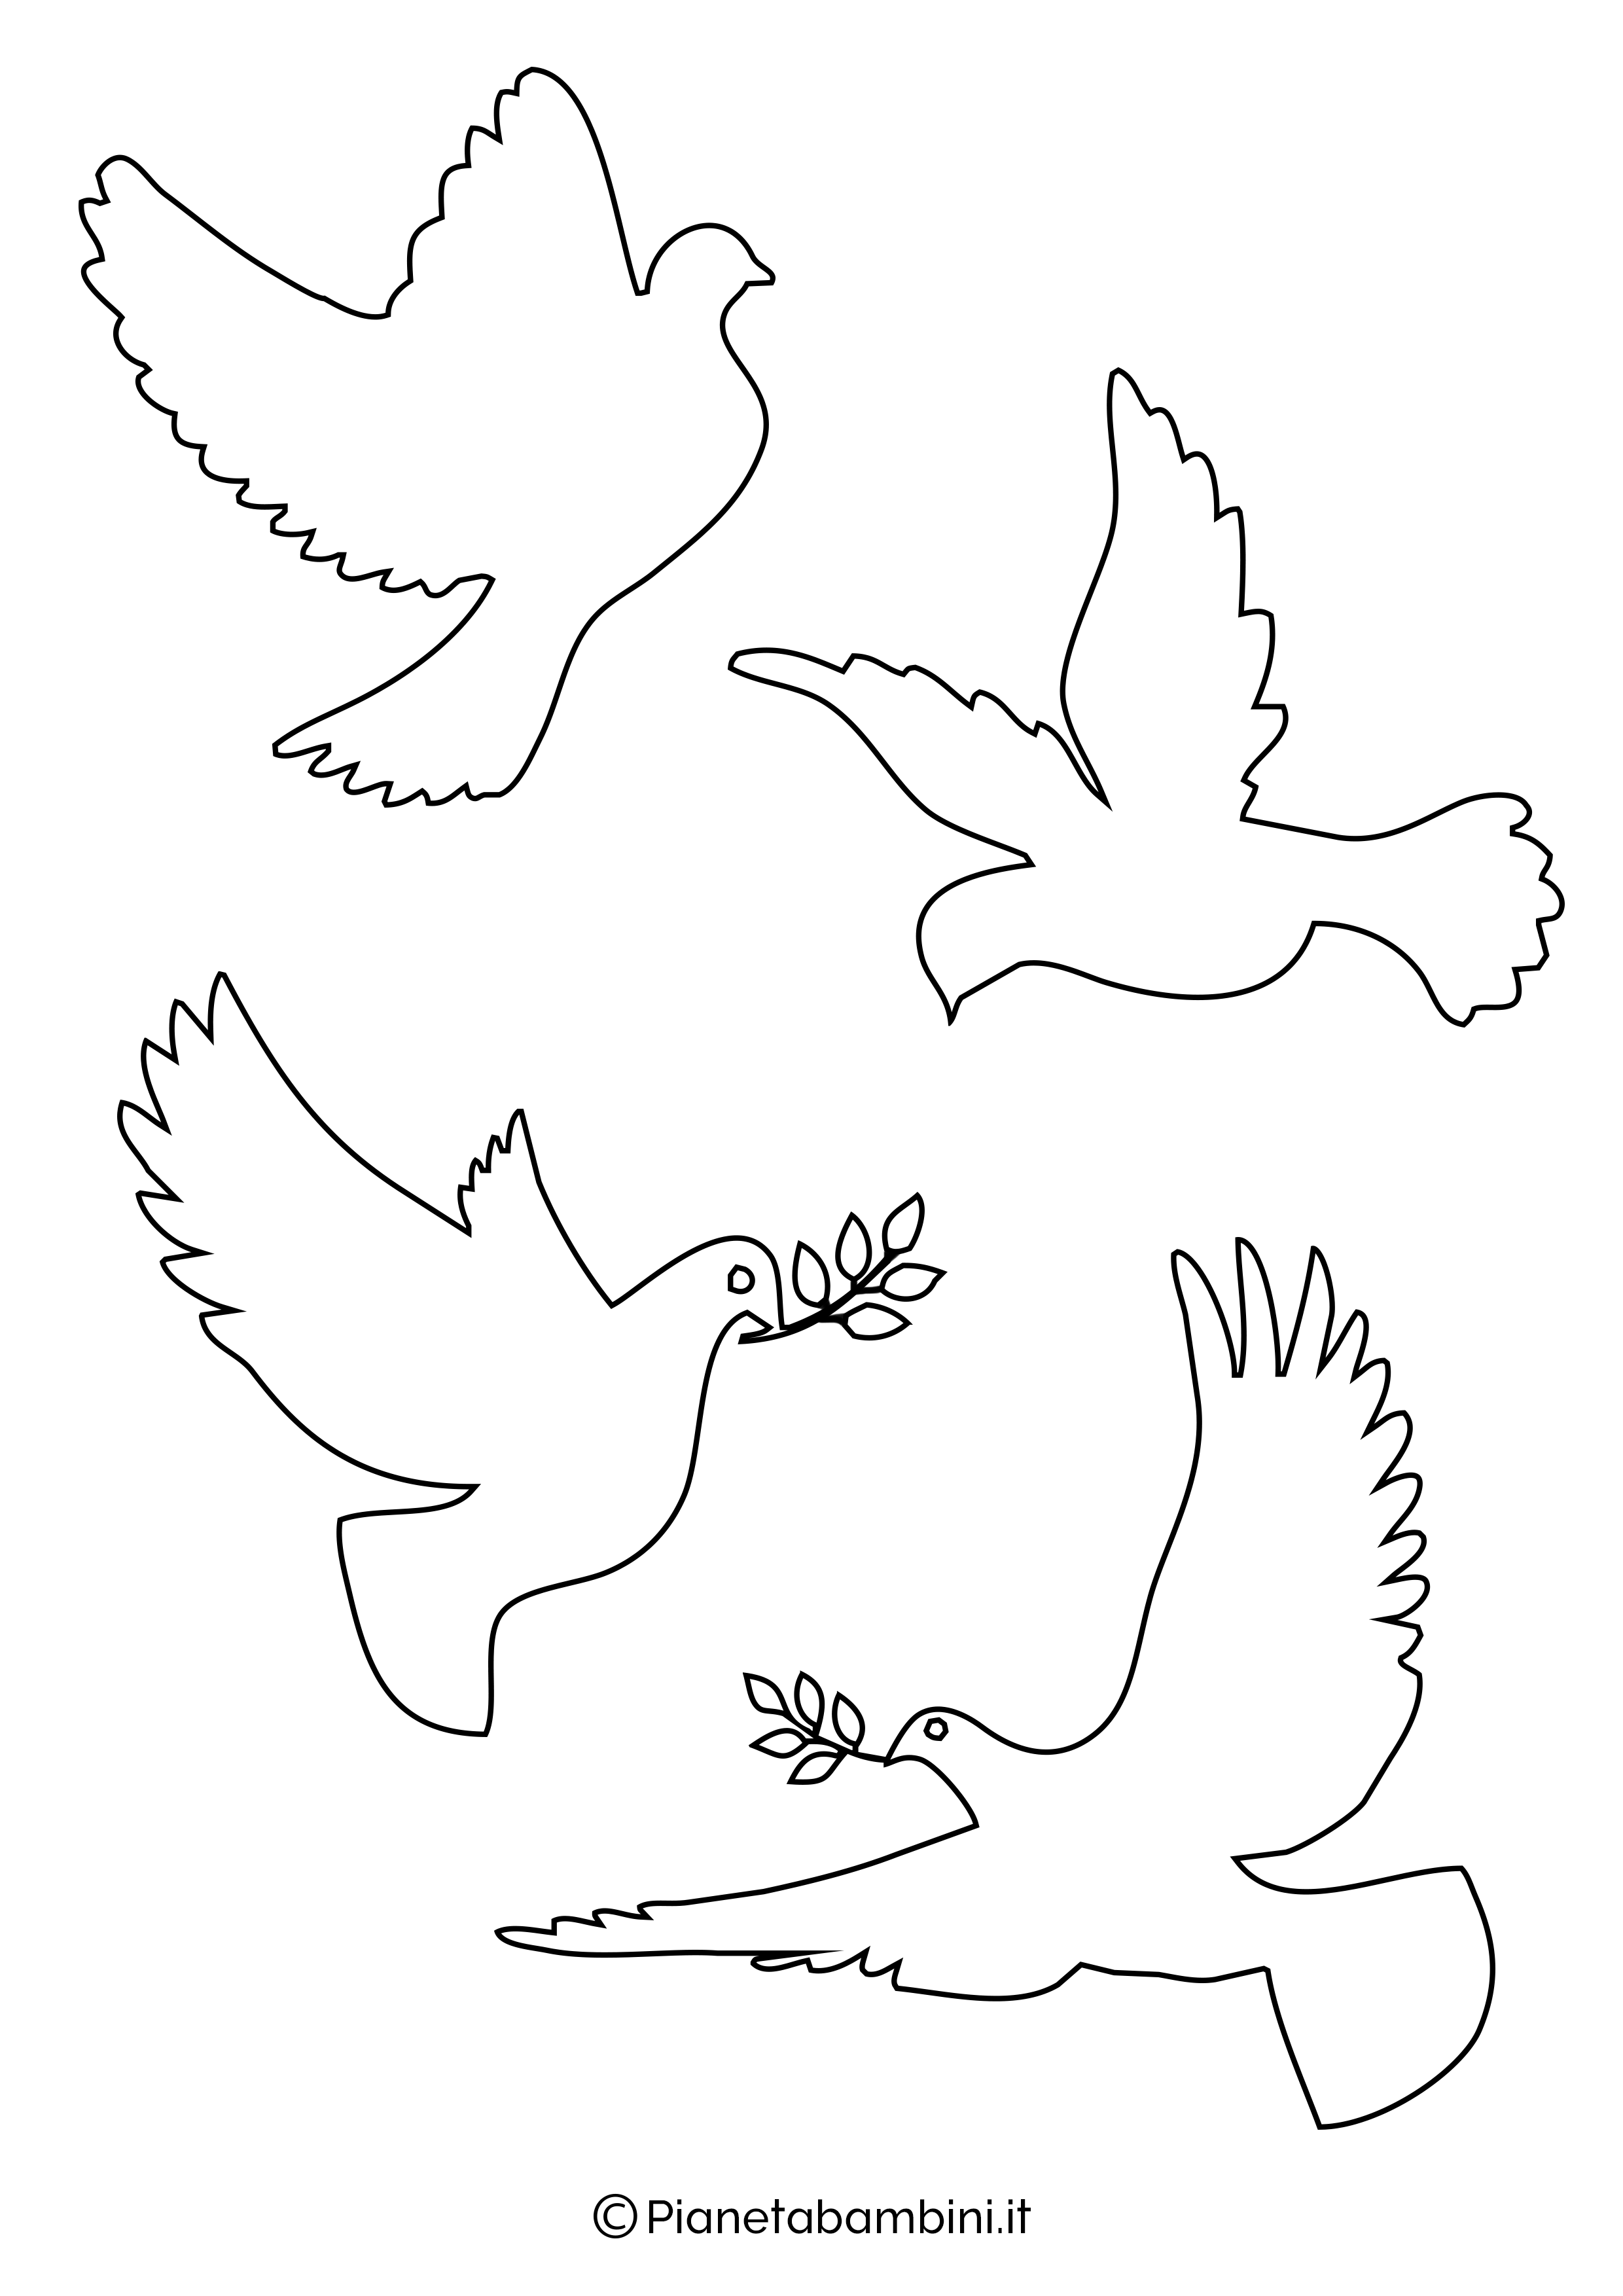 Disegni di colombe piccole